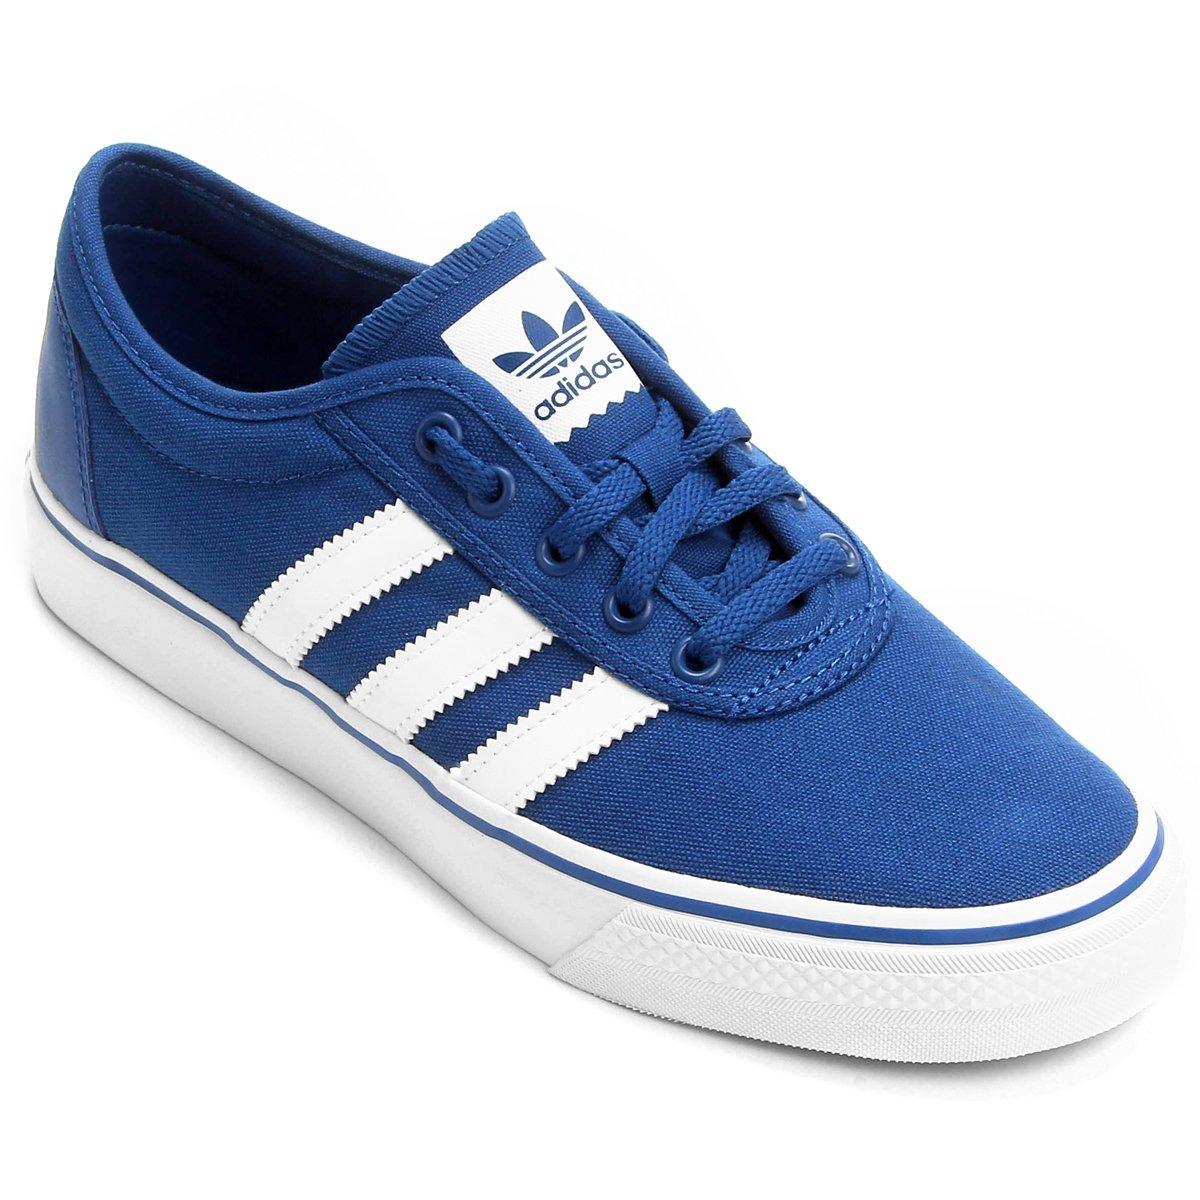 0d4843dbd8 tênis adidas adiease azul original com nota fiscal skate. Carregando zoom.